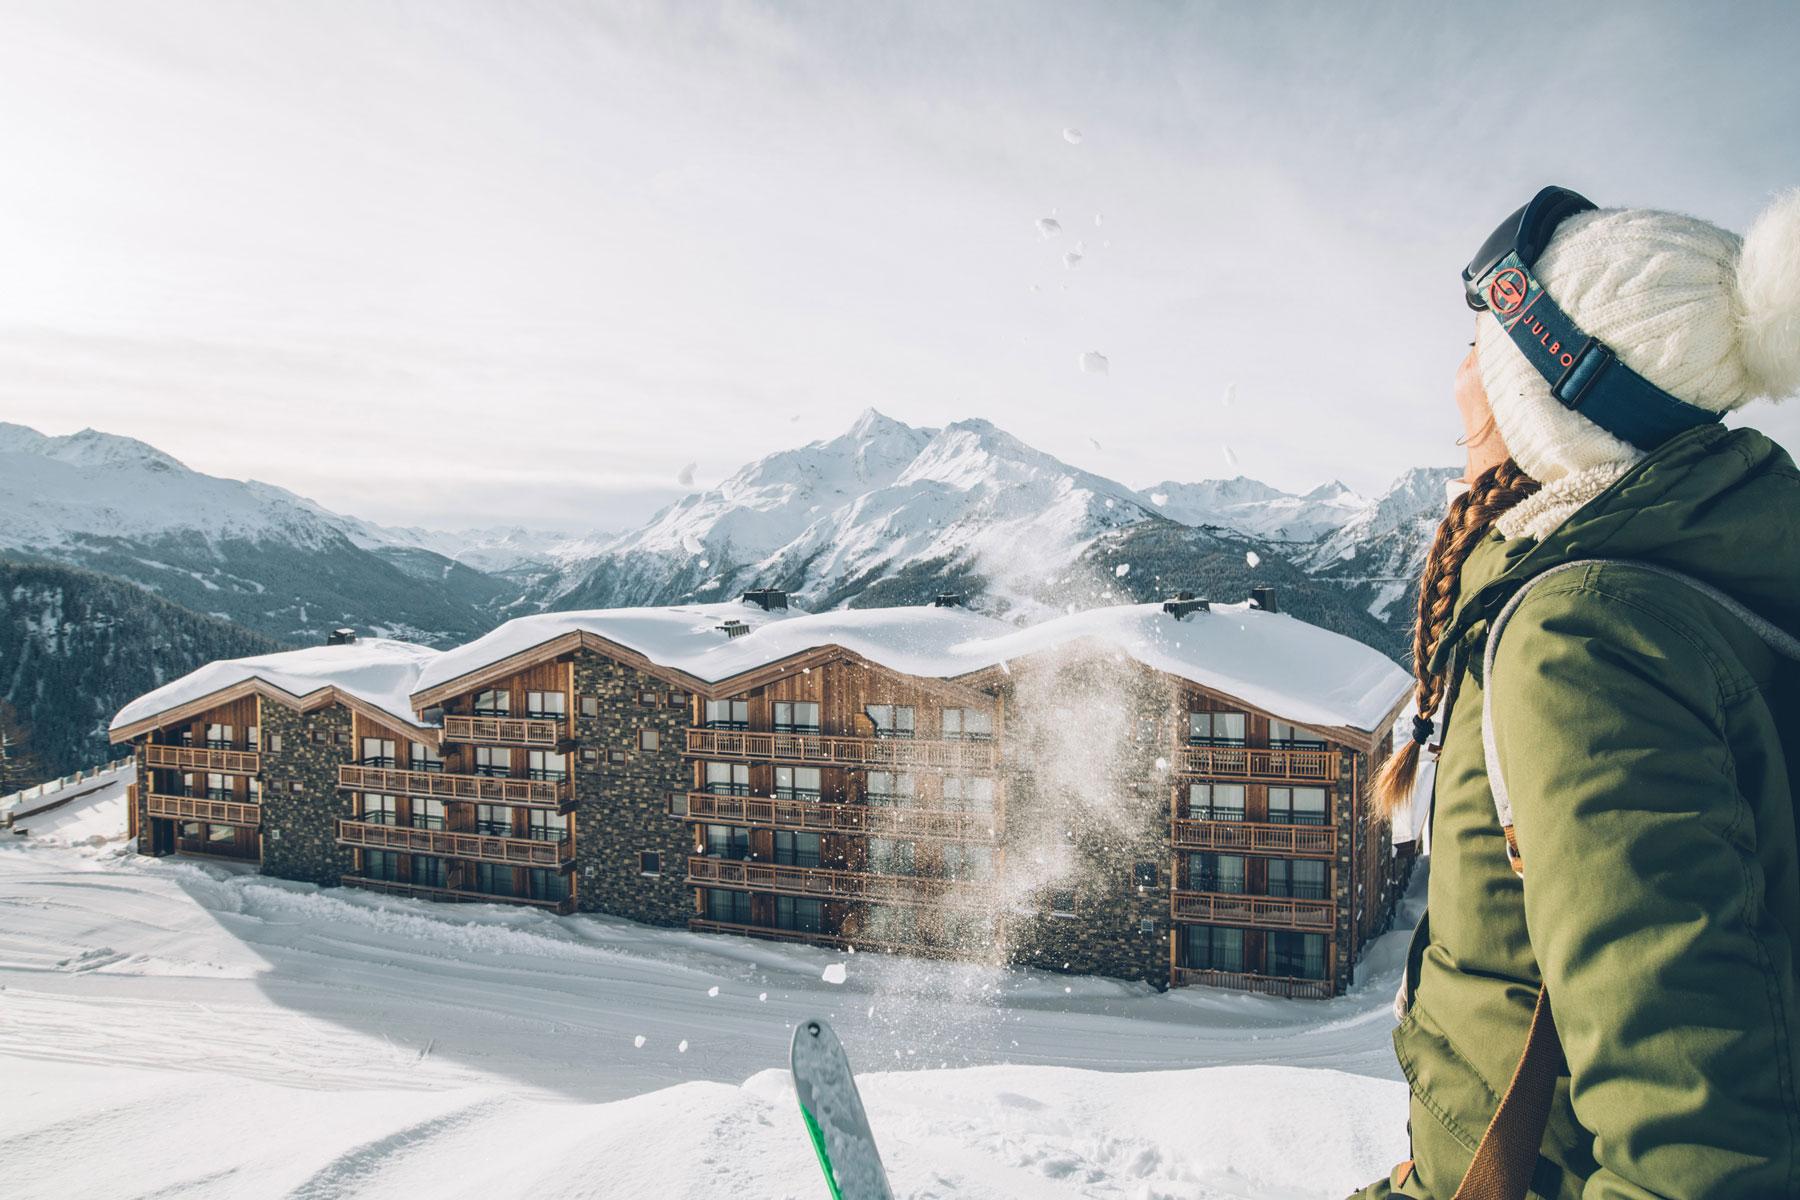 Hotel Alparena sur les pistes de ski